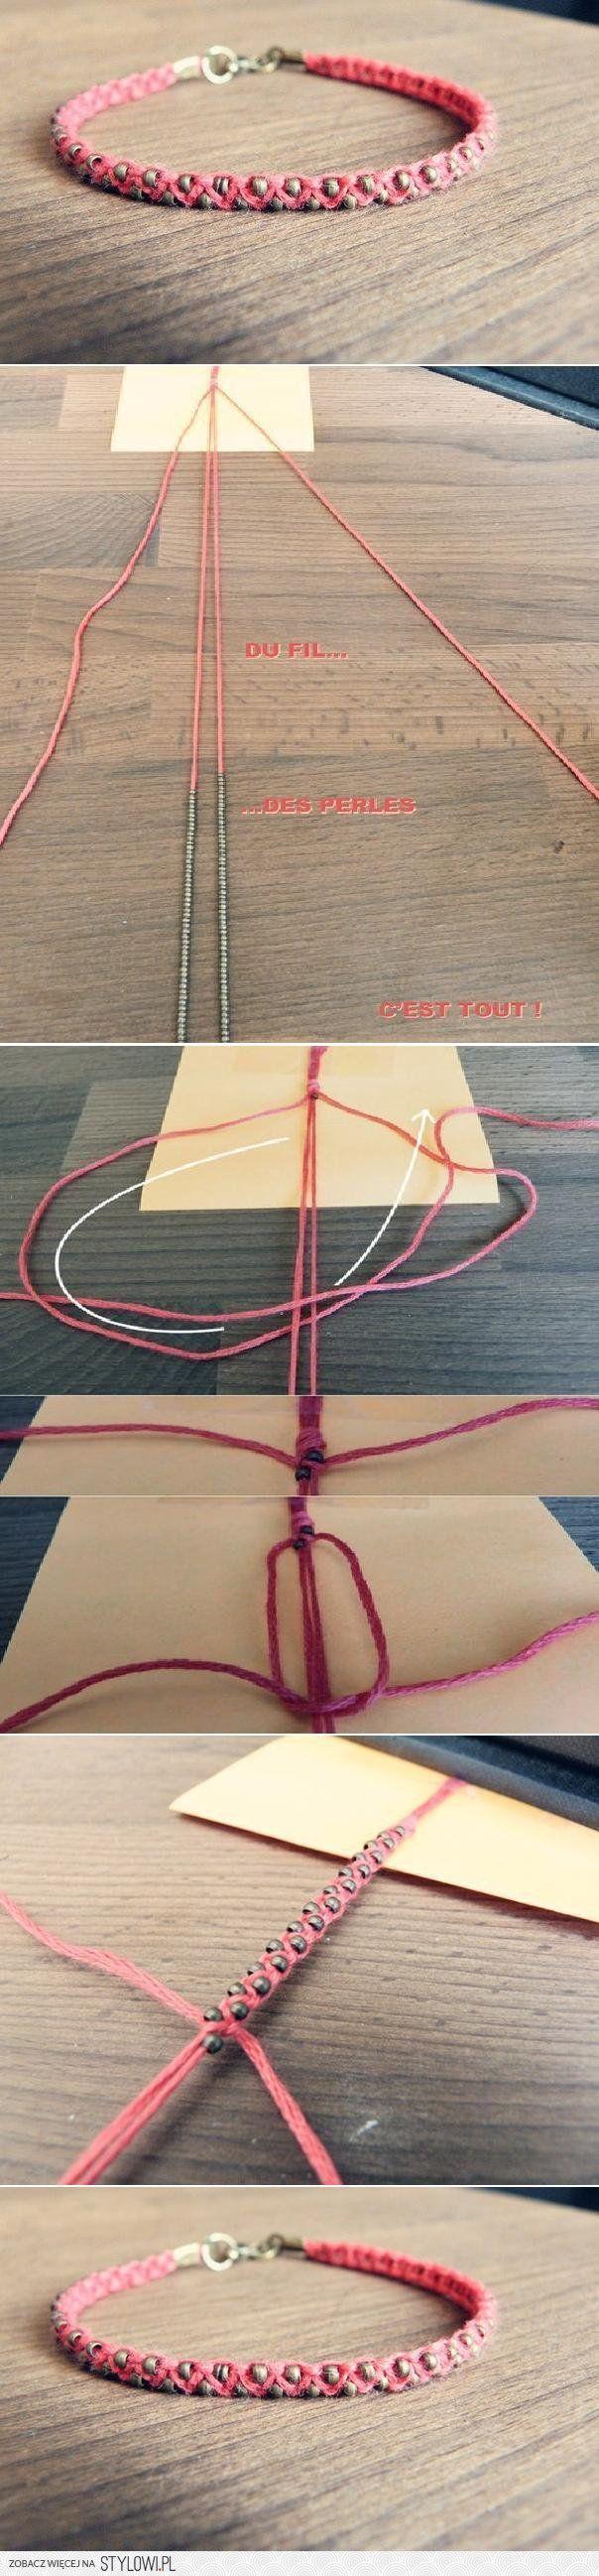 DIY Zaledwie Weave Projekty DIY Bransoletki | UsefulDIY… na Stylowi.pl